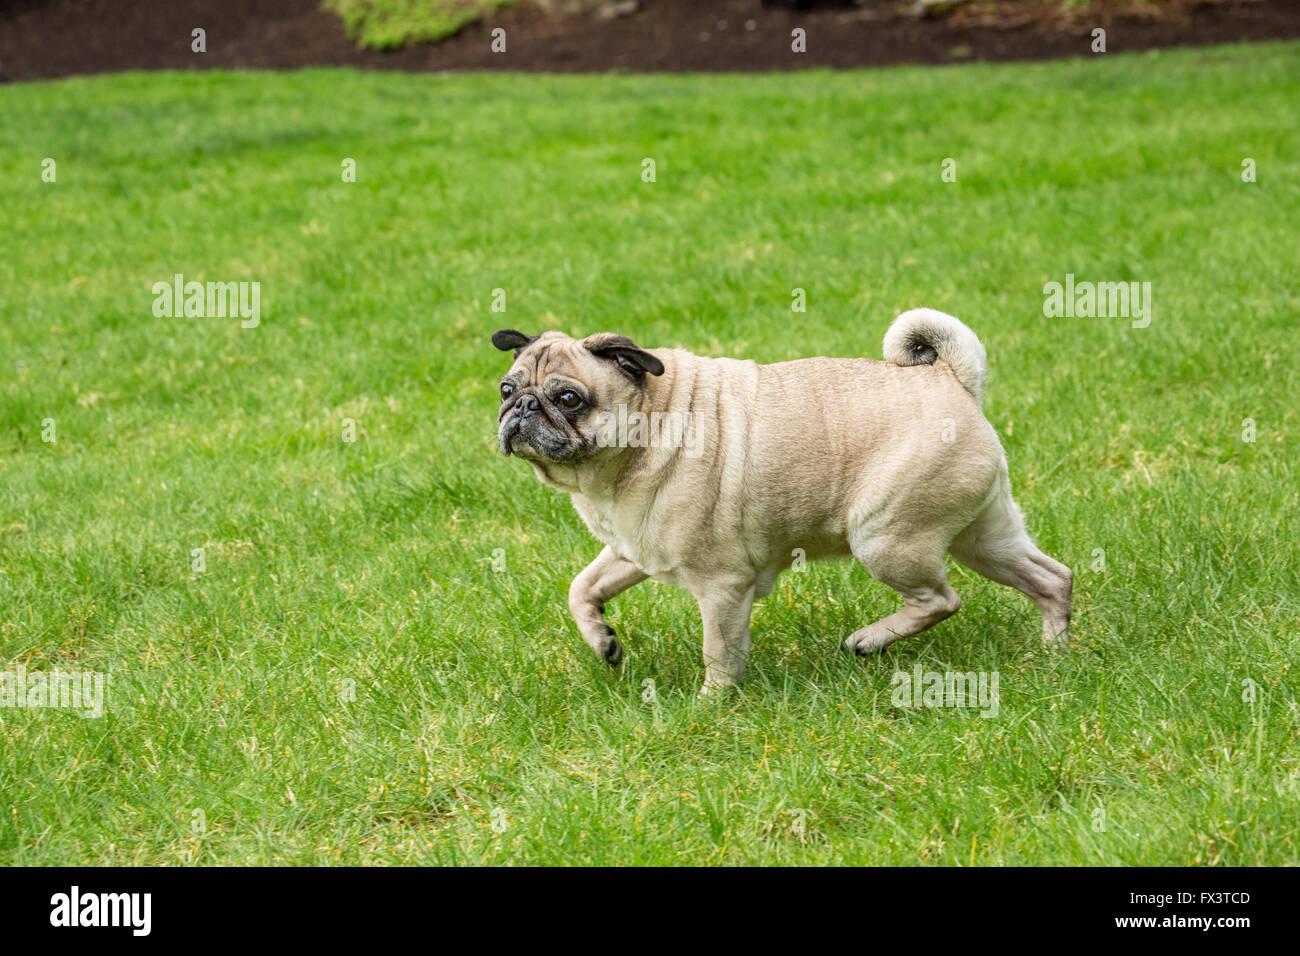 Cabo, un anziano fawn Pug esplorando il suo cantiere a Redmond, Washington, Stati Uniti d'America Immagini Stock